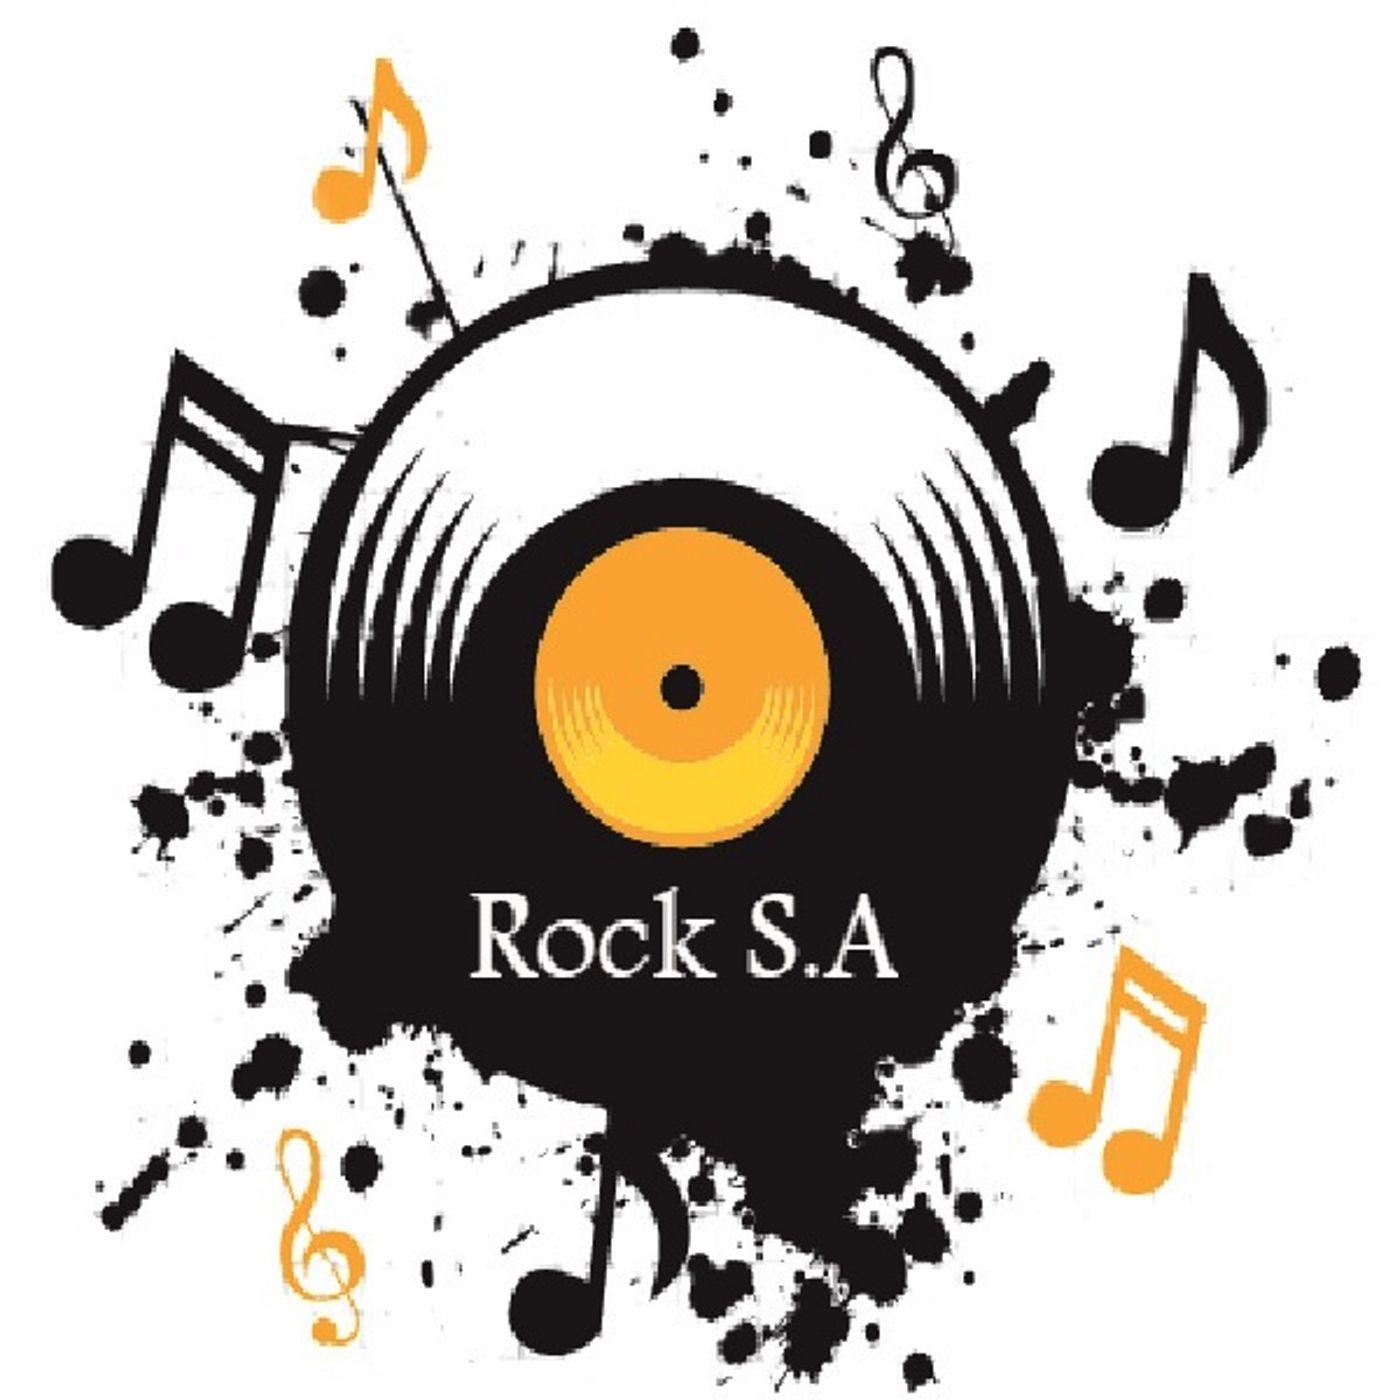 #028 - Rock S.A - [Especial] Mulheres no Rock I